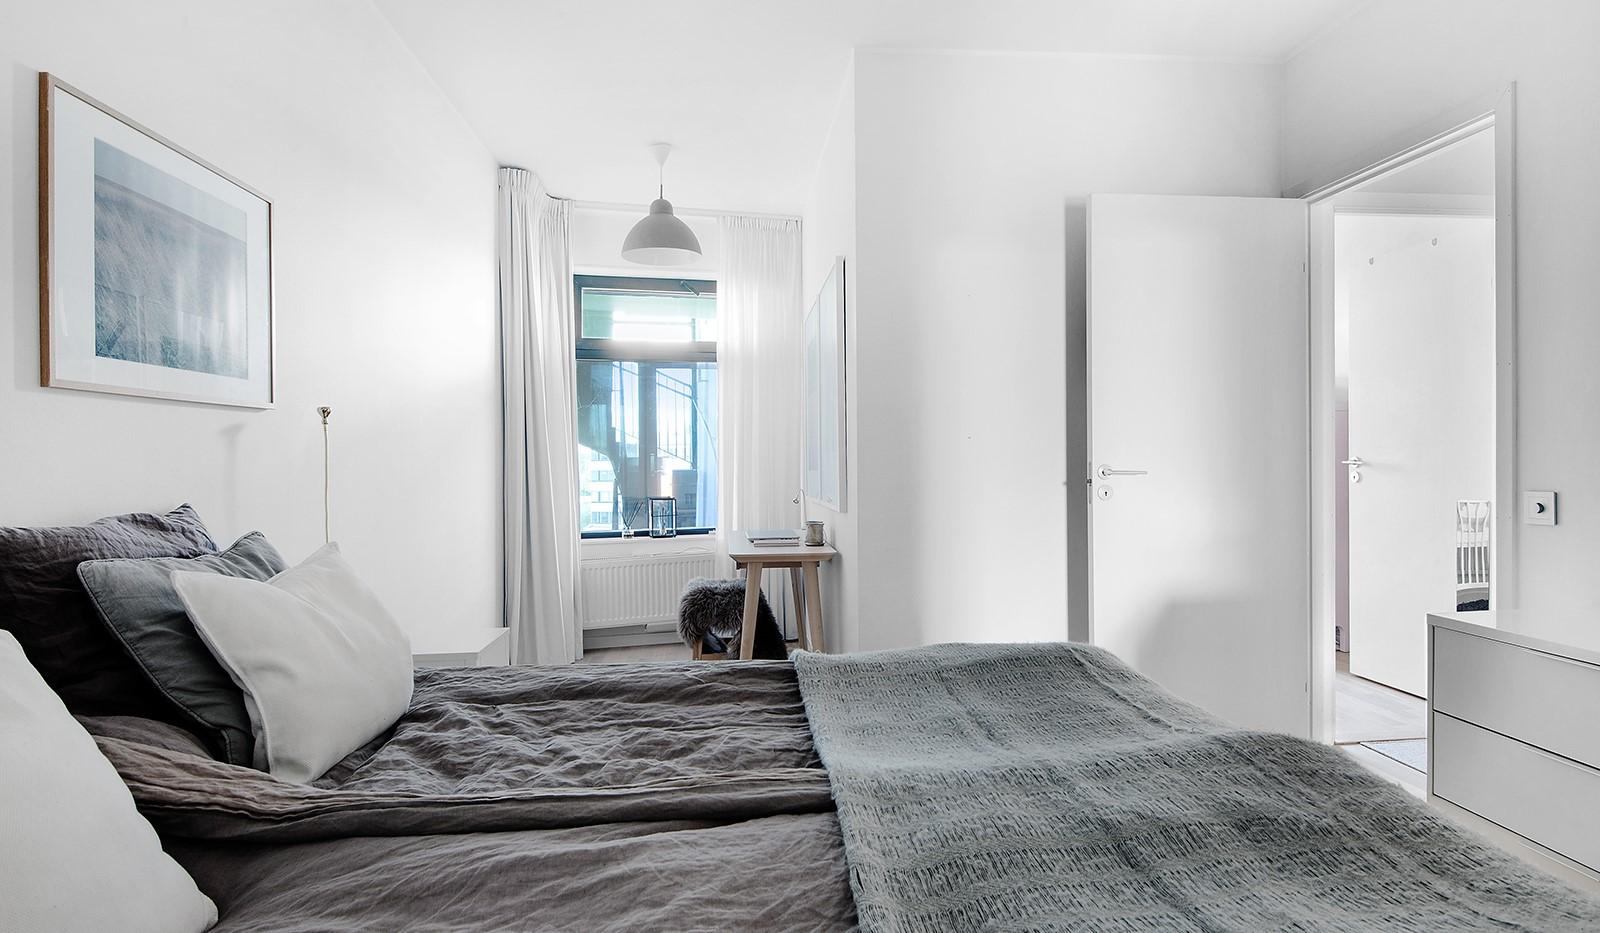 Liljeholmsvägen 12, 6tr - Stort sovrum med tillhörande del för arbetsplats